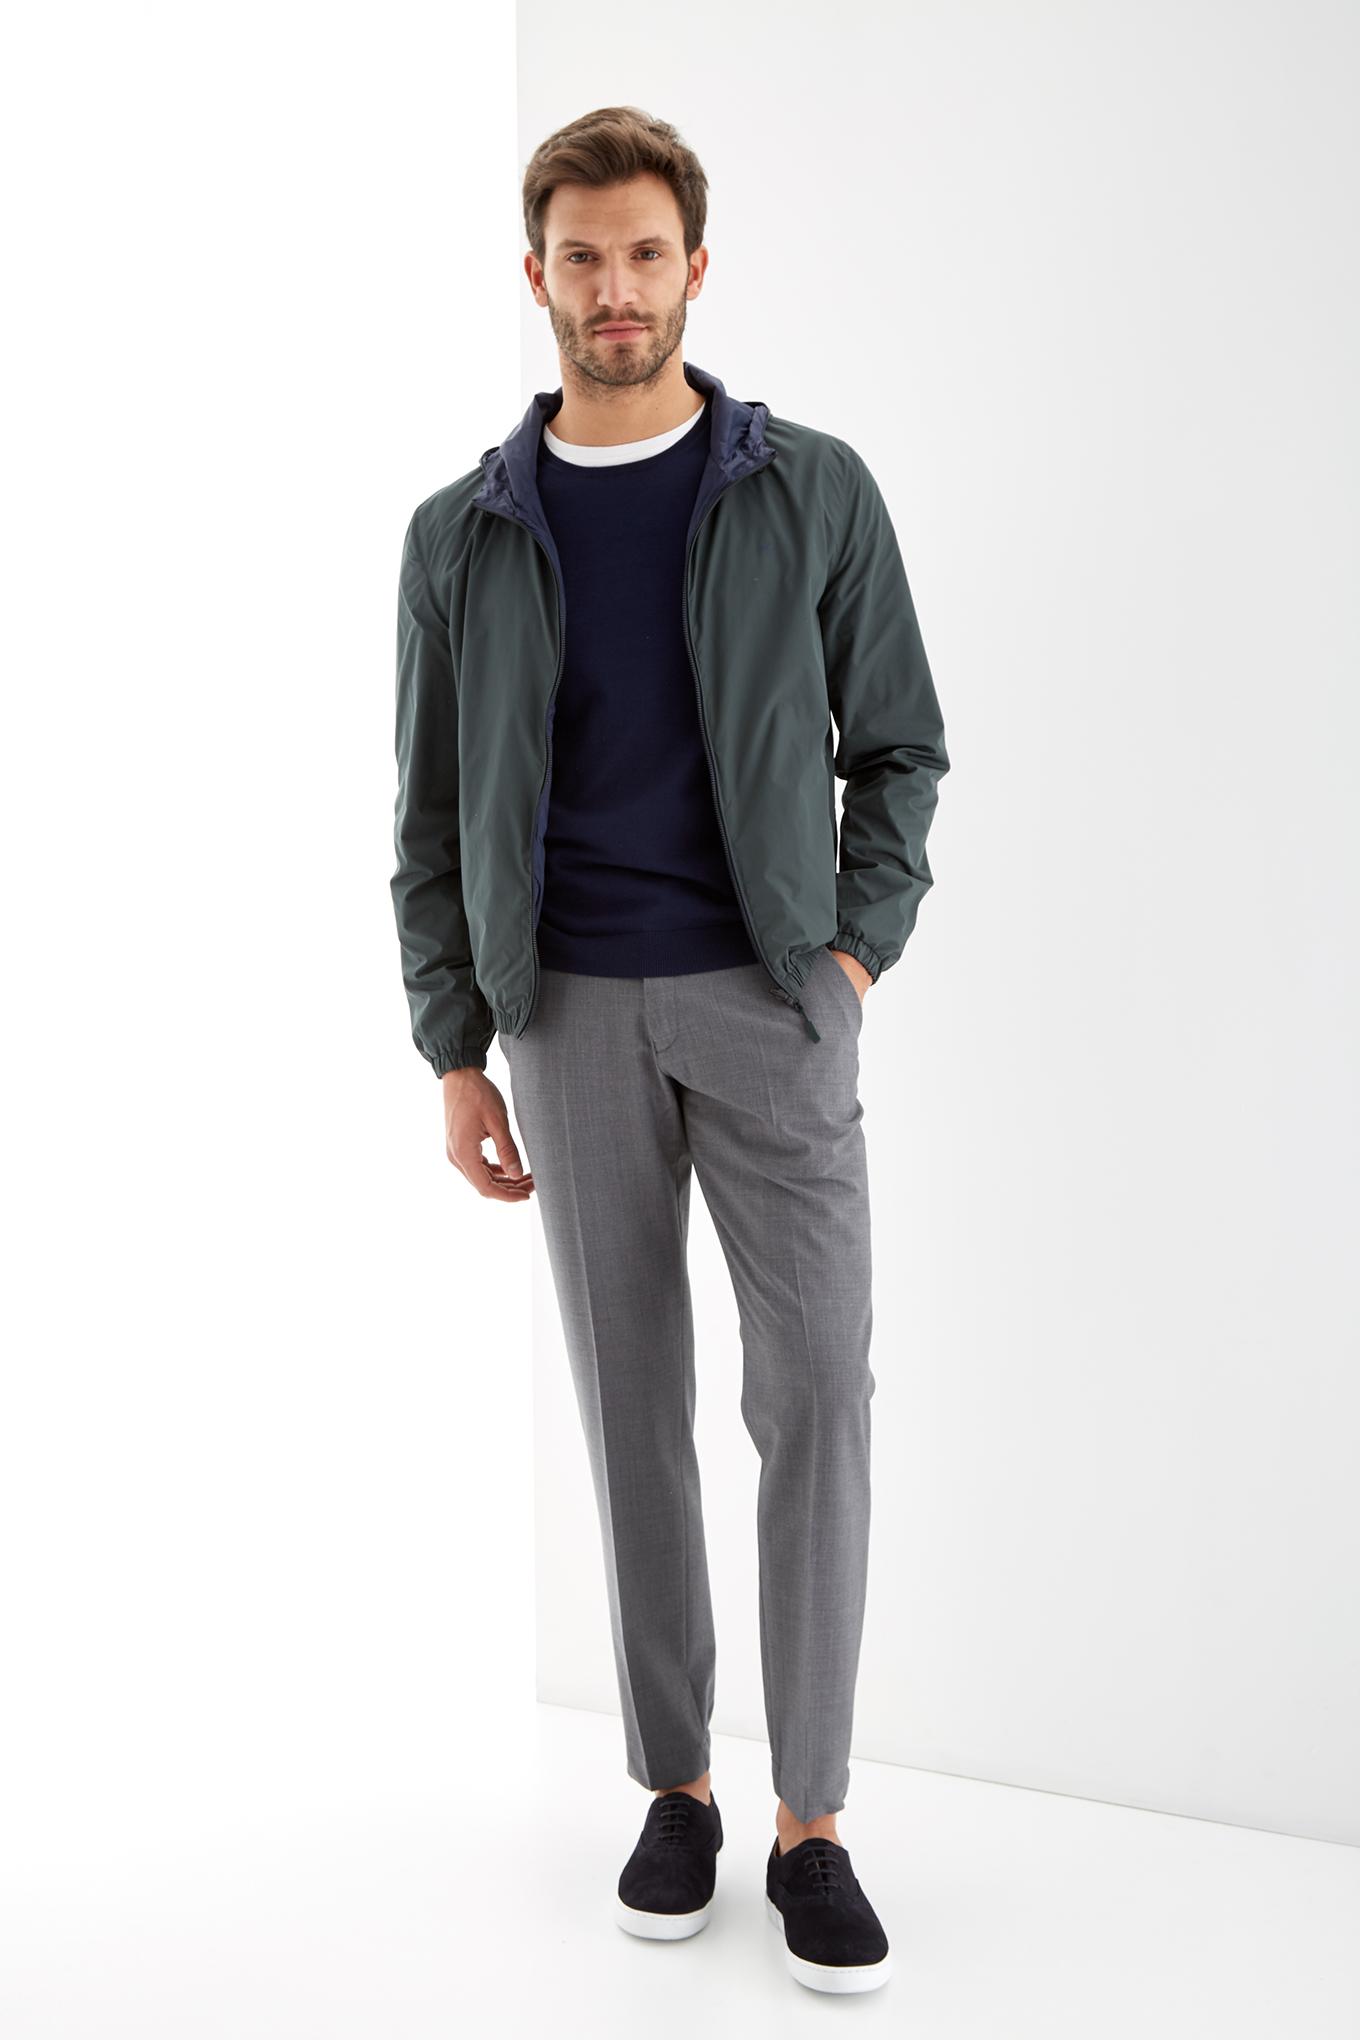 Blusão Verde Escuro Sport Homem